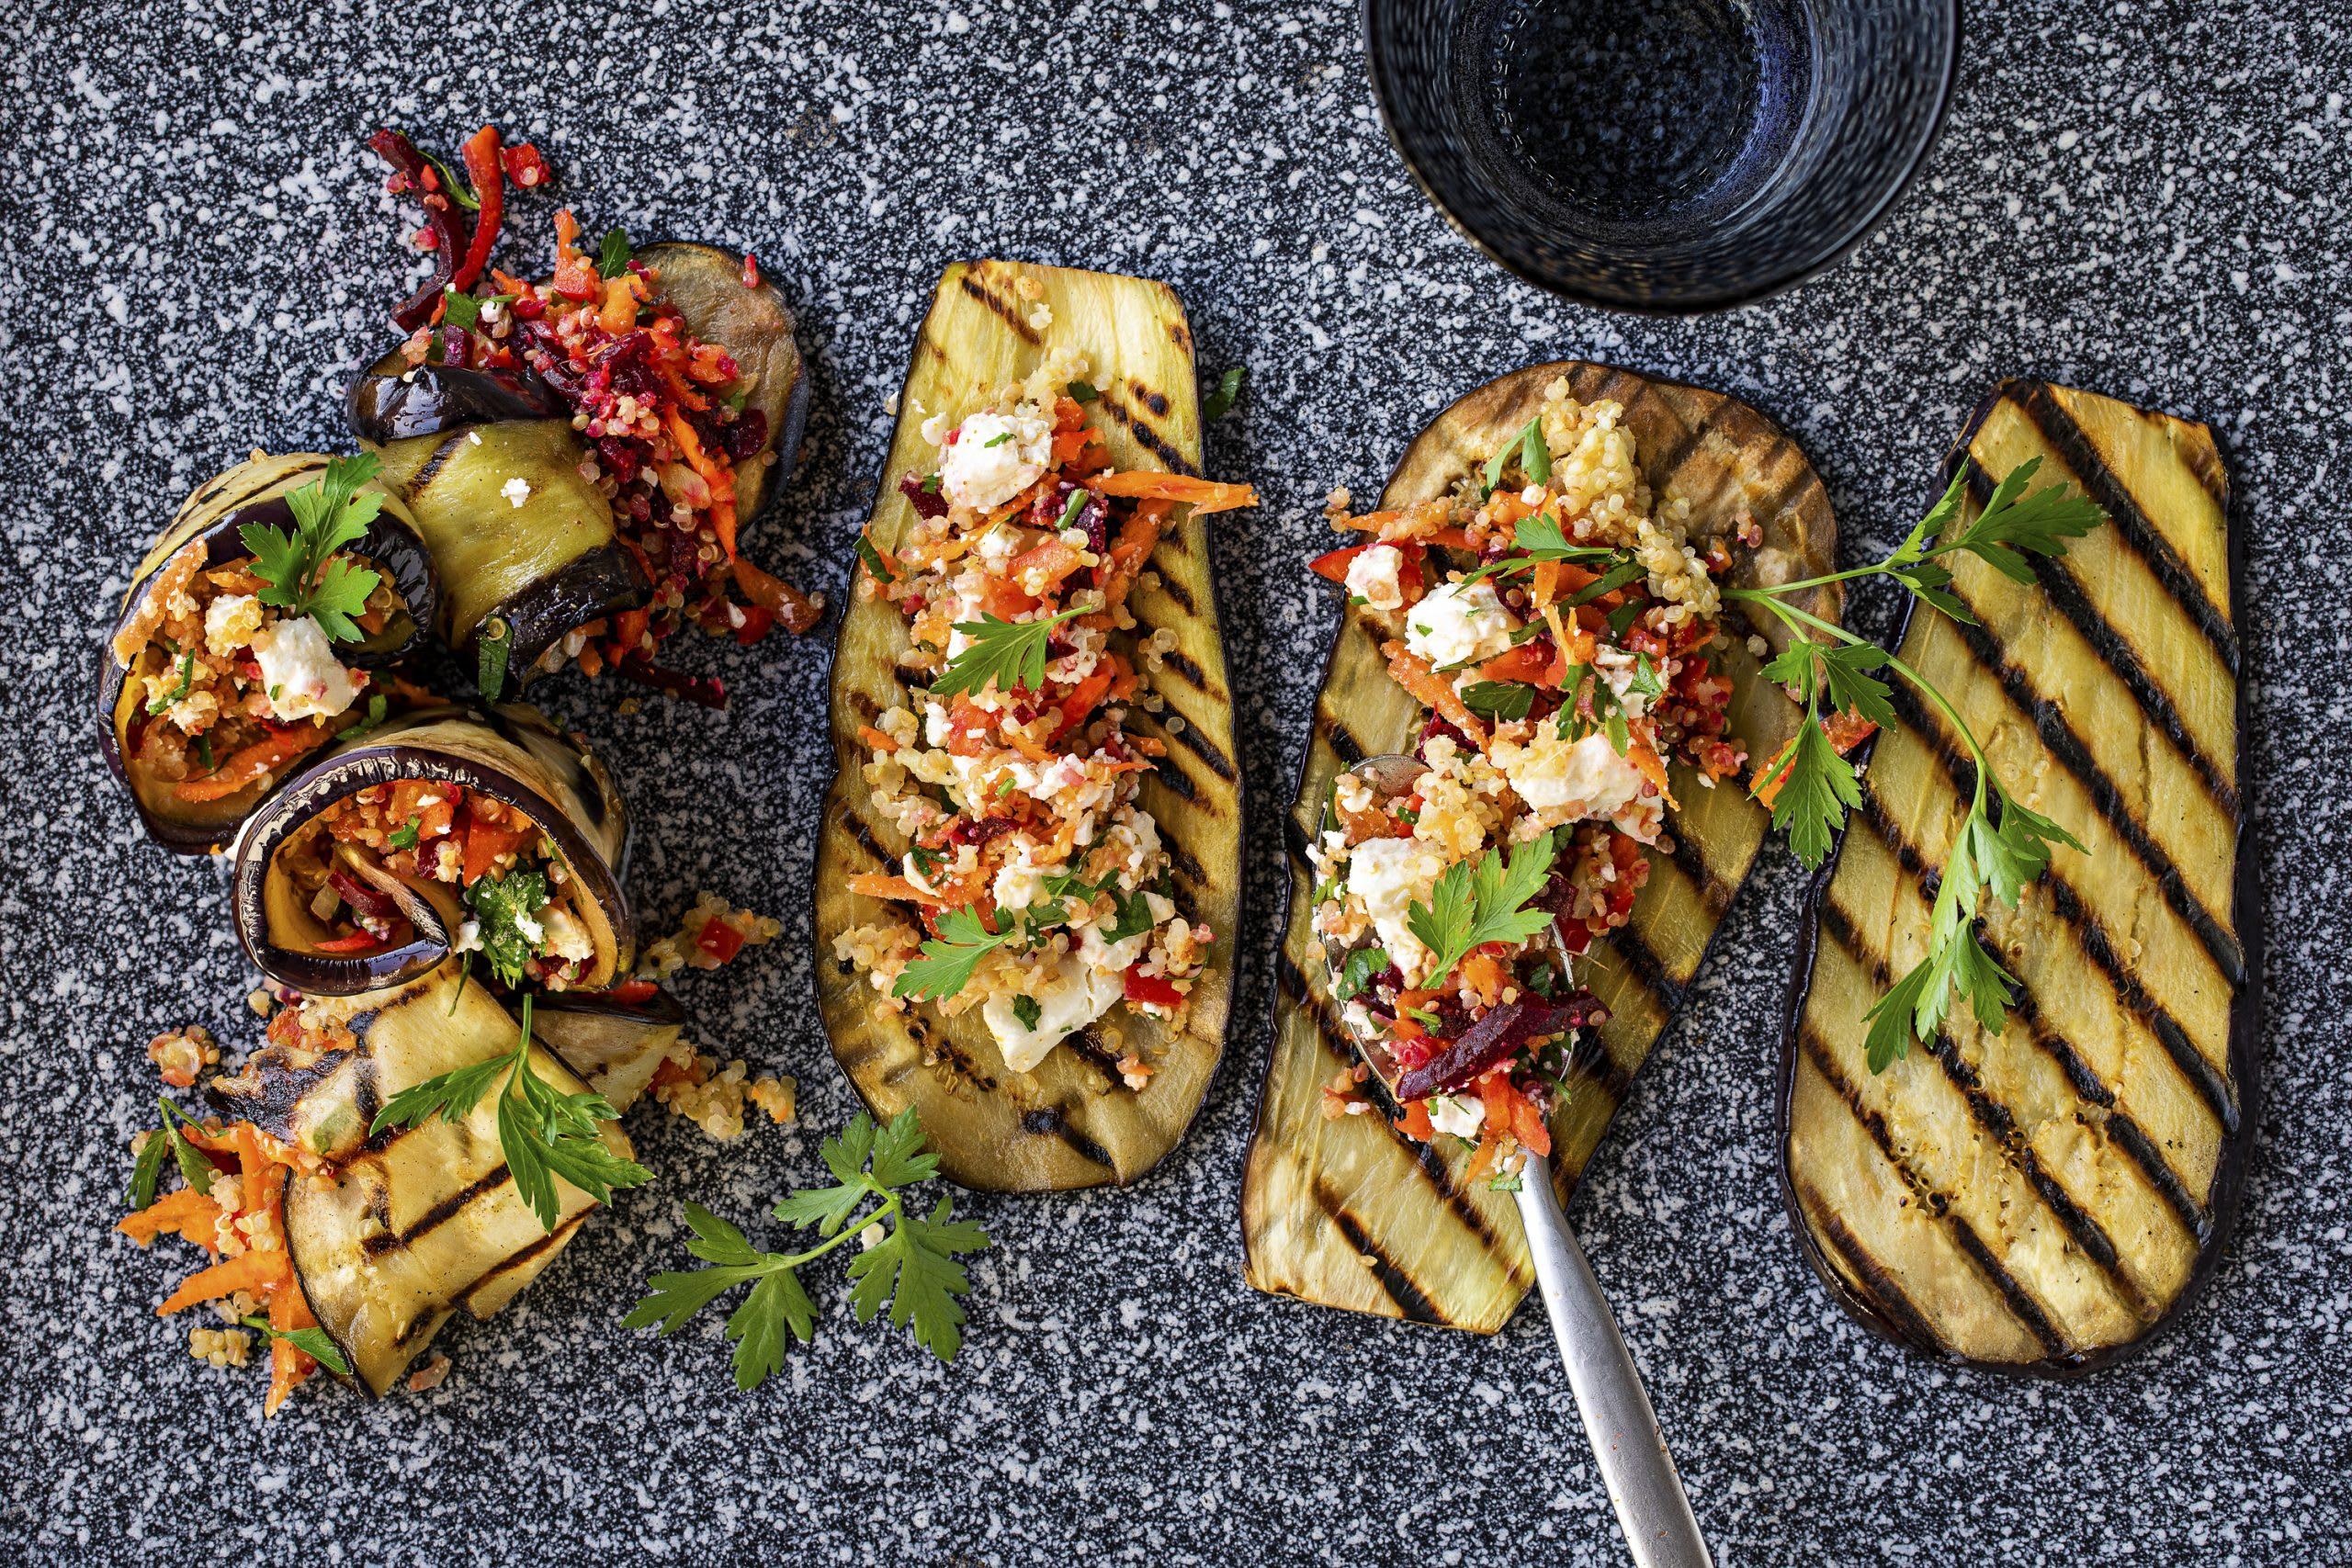 Roulades d'aubergine farcies au fromage frais et au quinoa